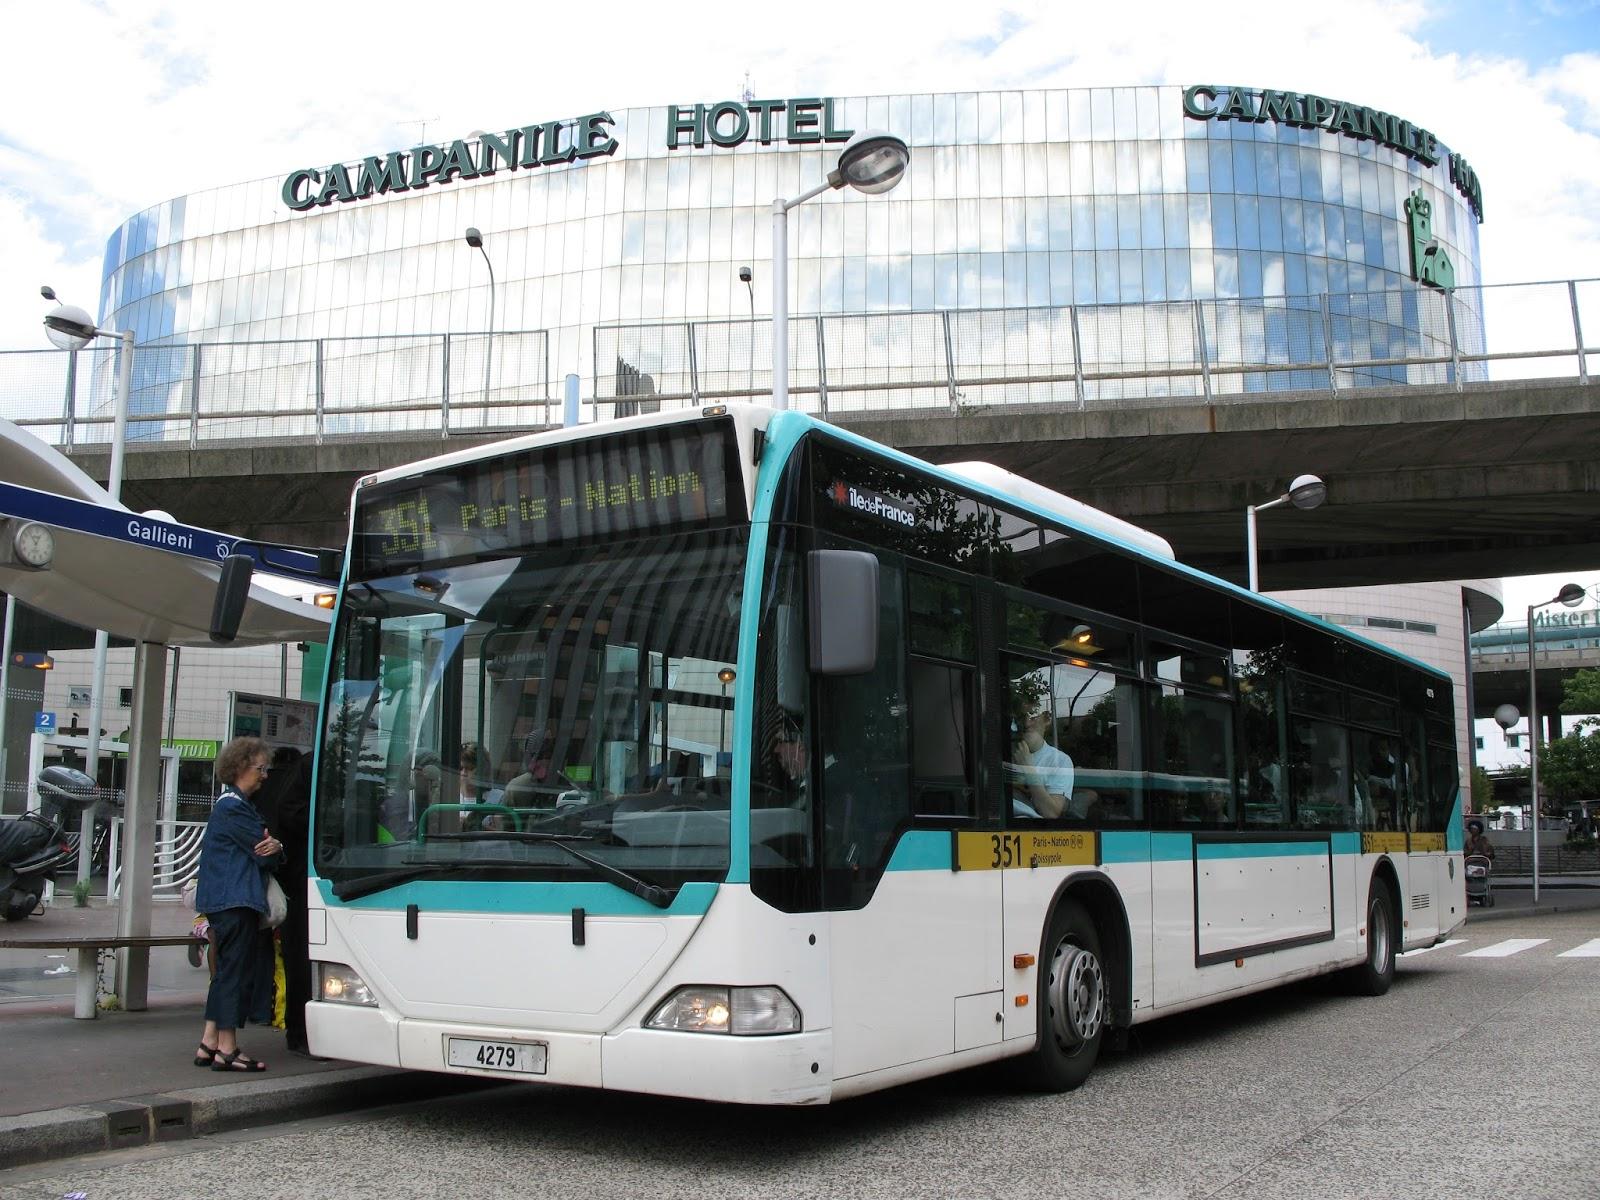 les lignes de bus ratp 69 ex les lilas 325 ex vitry sur seine et 351 ex flandre au. Black Bedroom Furniture Sets. Home Design Ideas